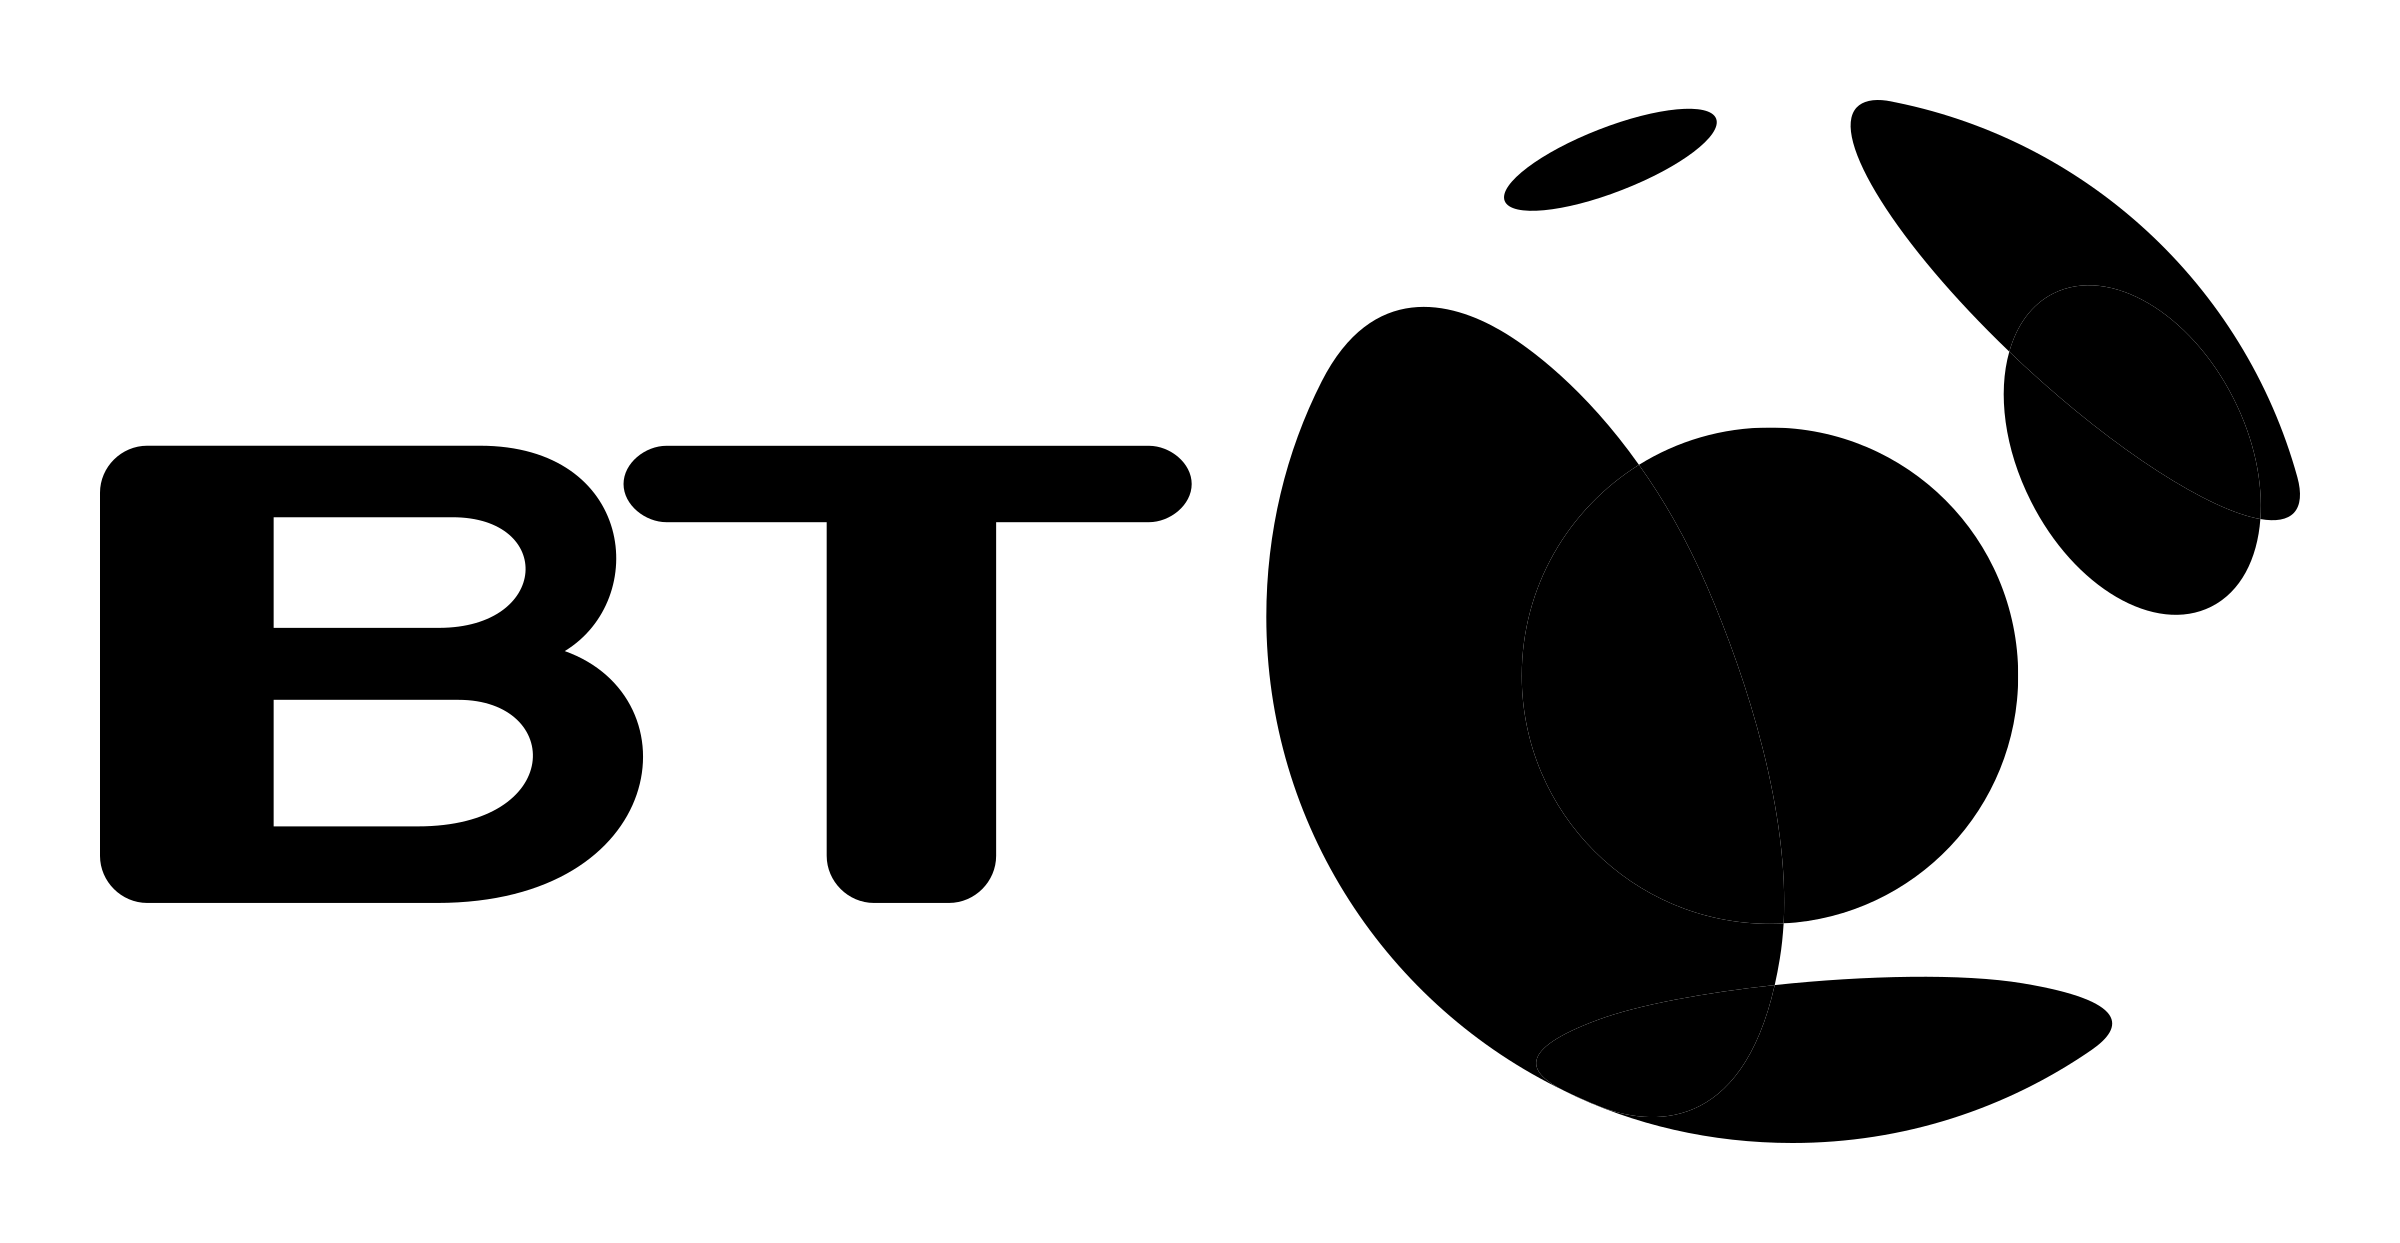 BT Group Logo PNG Transparent & SVG Vector.